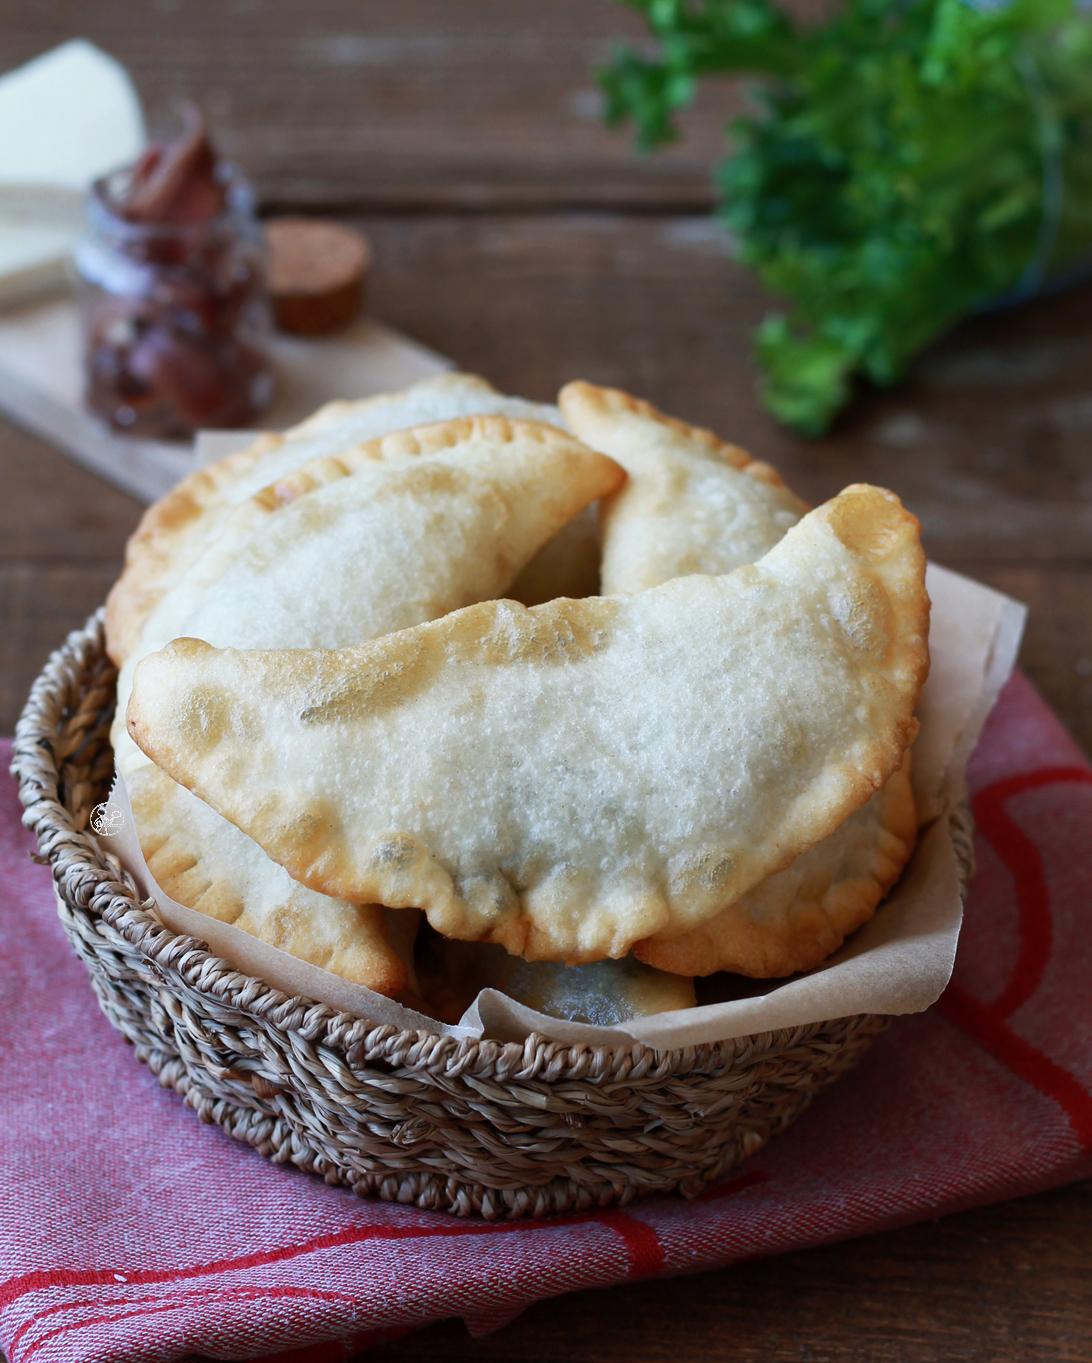 Pidoni messinesi senza glutine (fritti e con la scarola) - La Cassata Celiaca